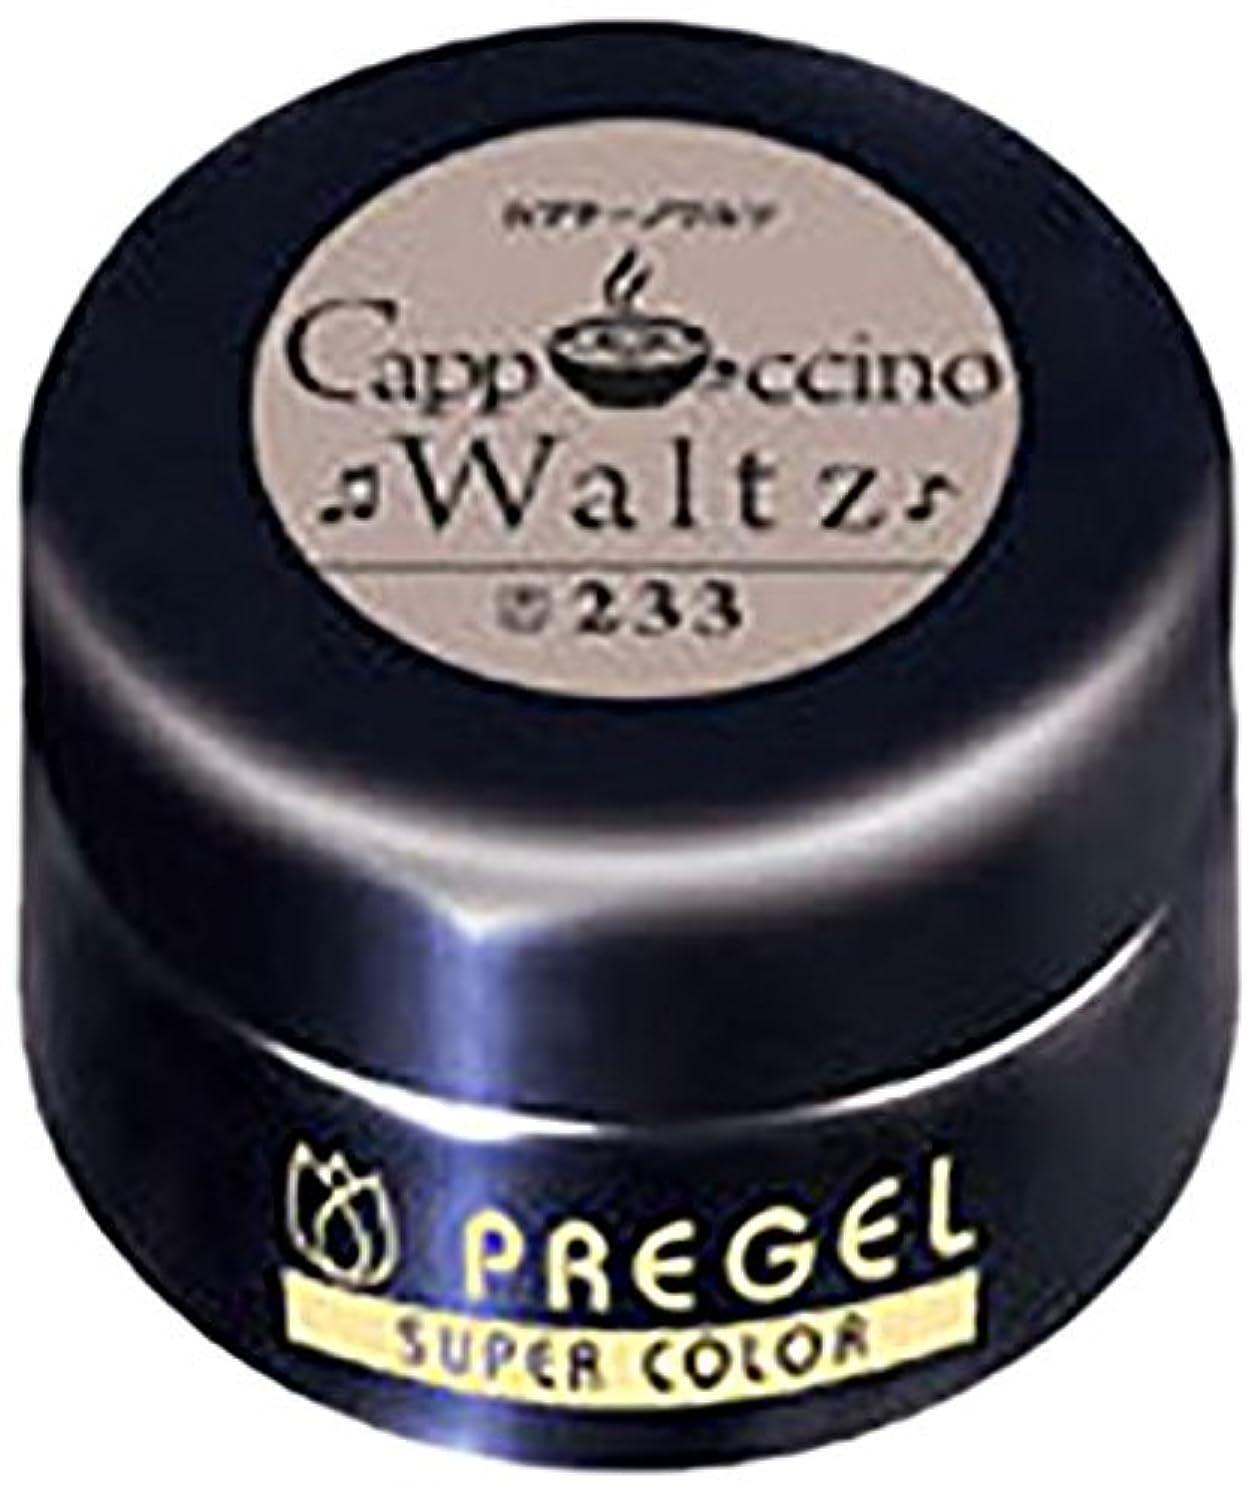 種黄ばむ高度プリジェル スーパーカラーEX カプチーノワルツ 4g PG-SE233